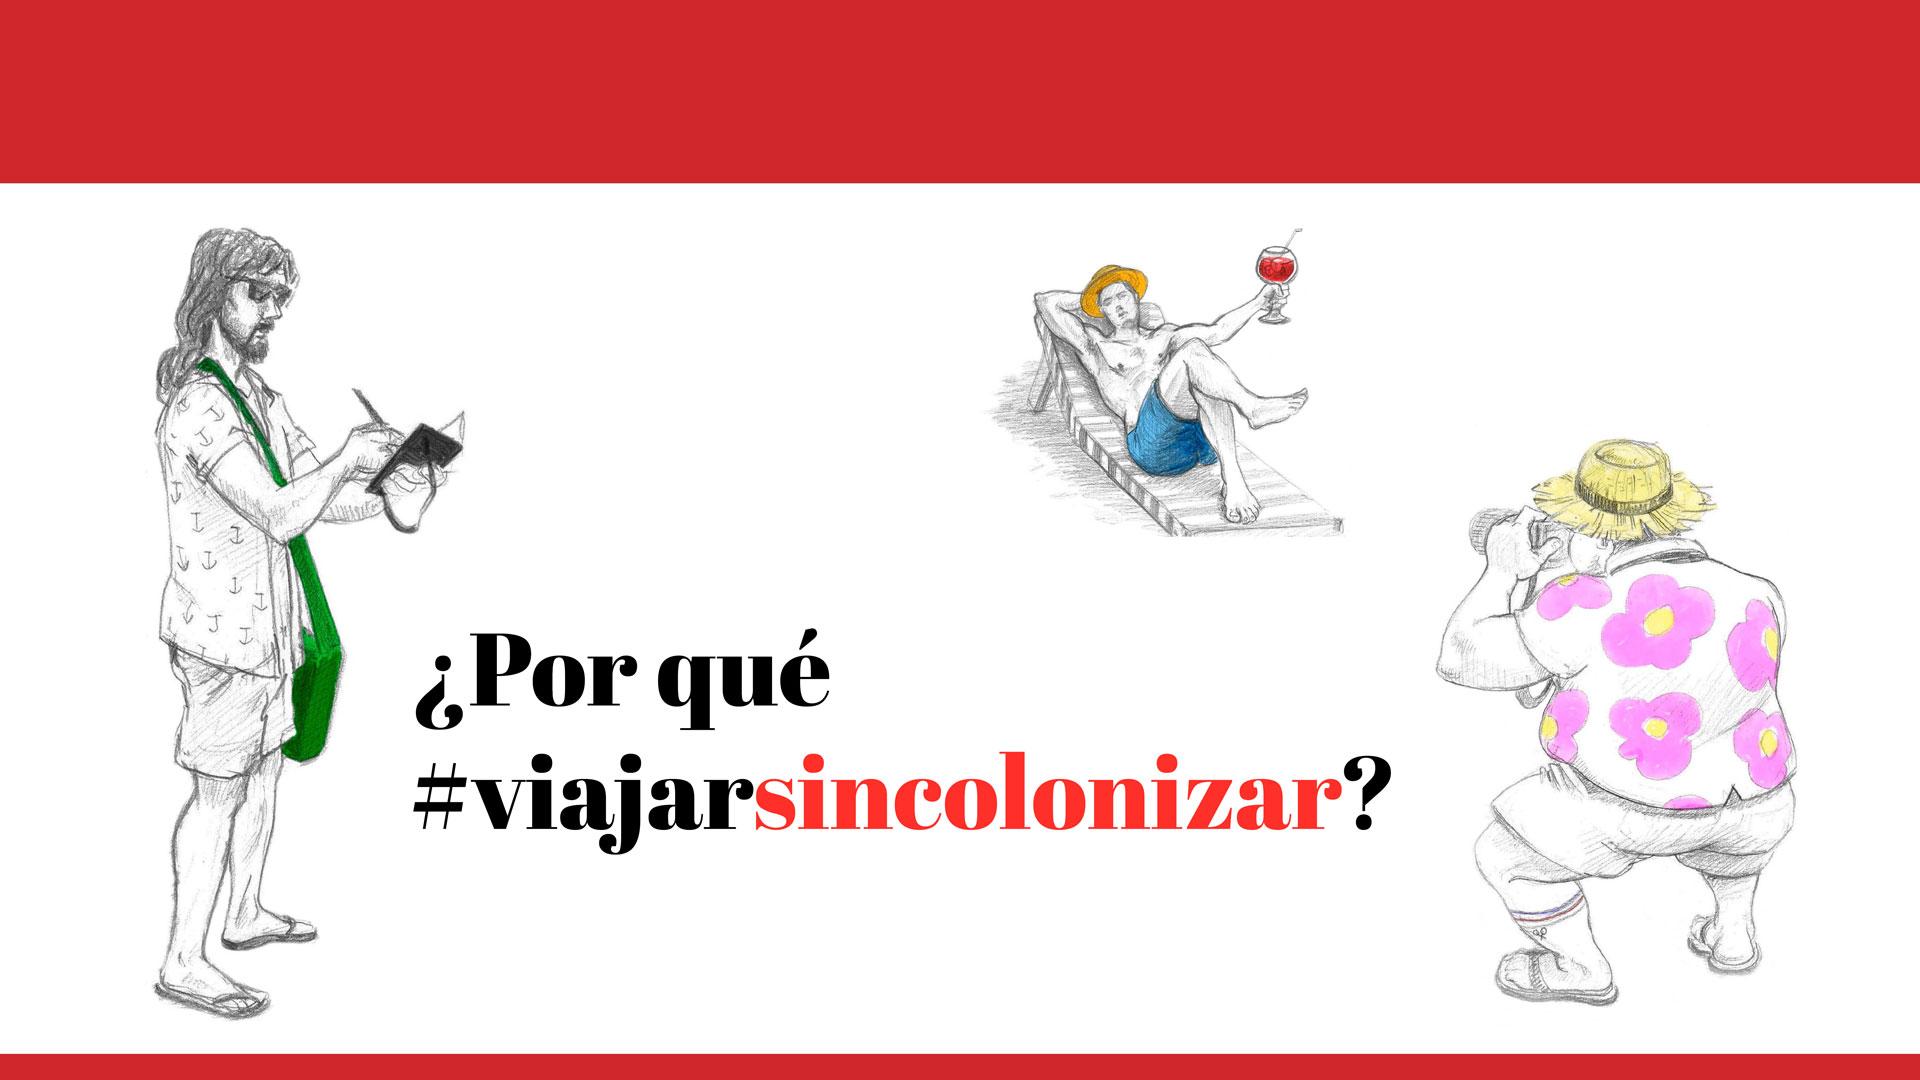 #viajarsincolonizar